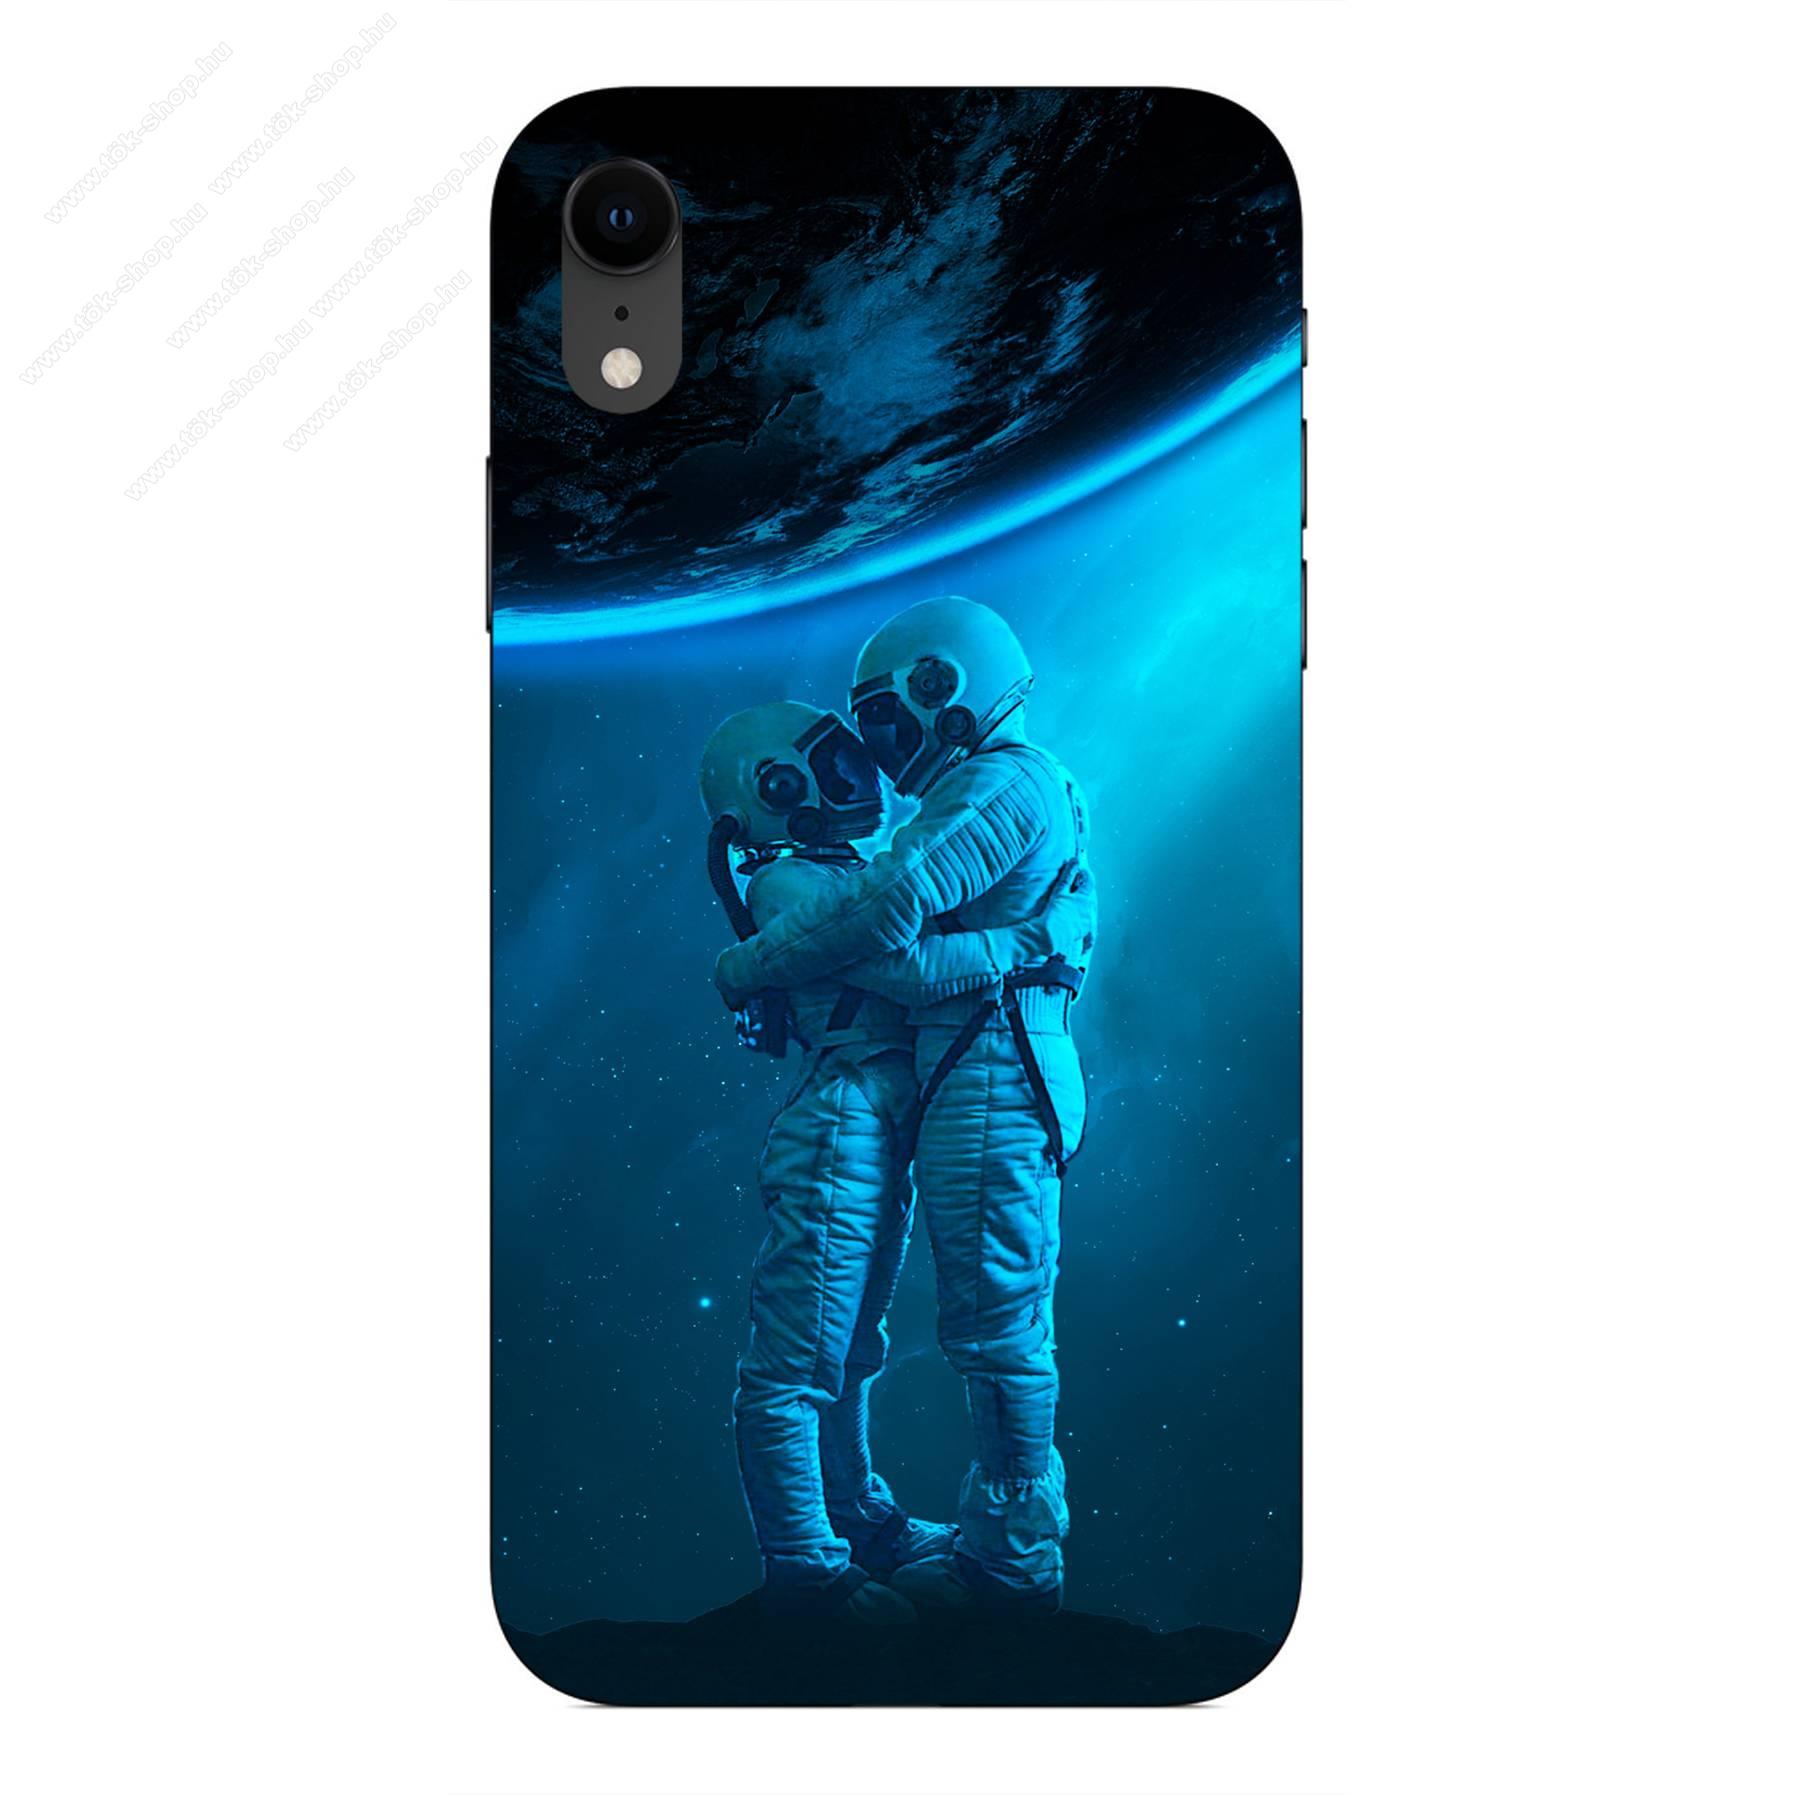 E-pic szilikon védő tok / hátlap - Szerelmes űrhajós pár mintás - APPLE iPhone Xr